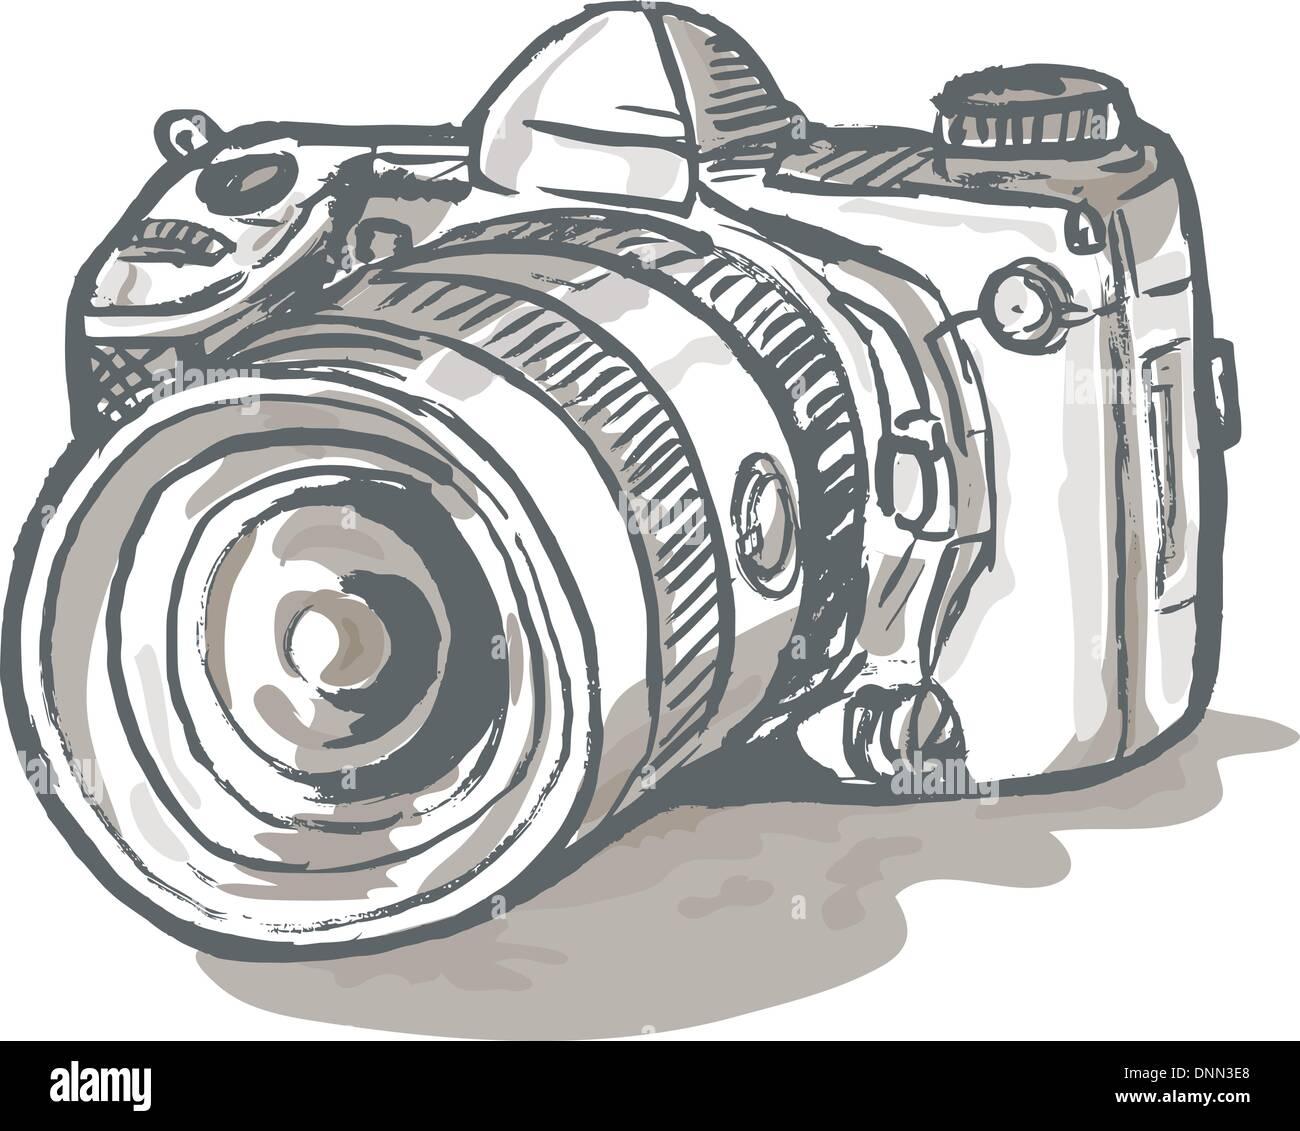 hand sketch drawing illustration of a digital SLR camera - Stock Vector